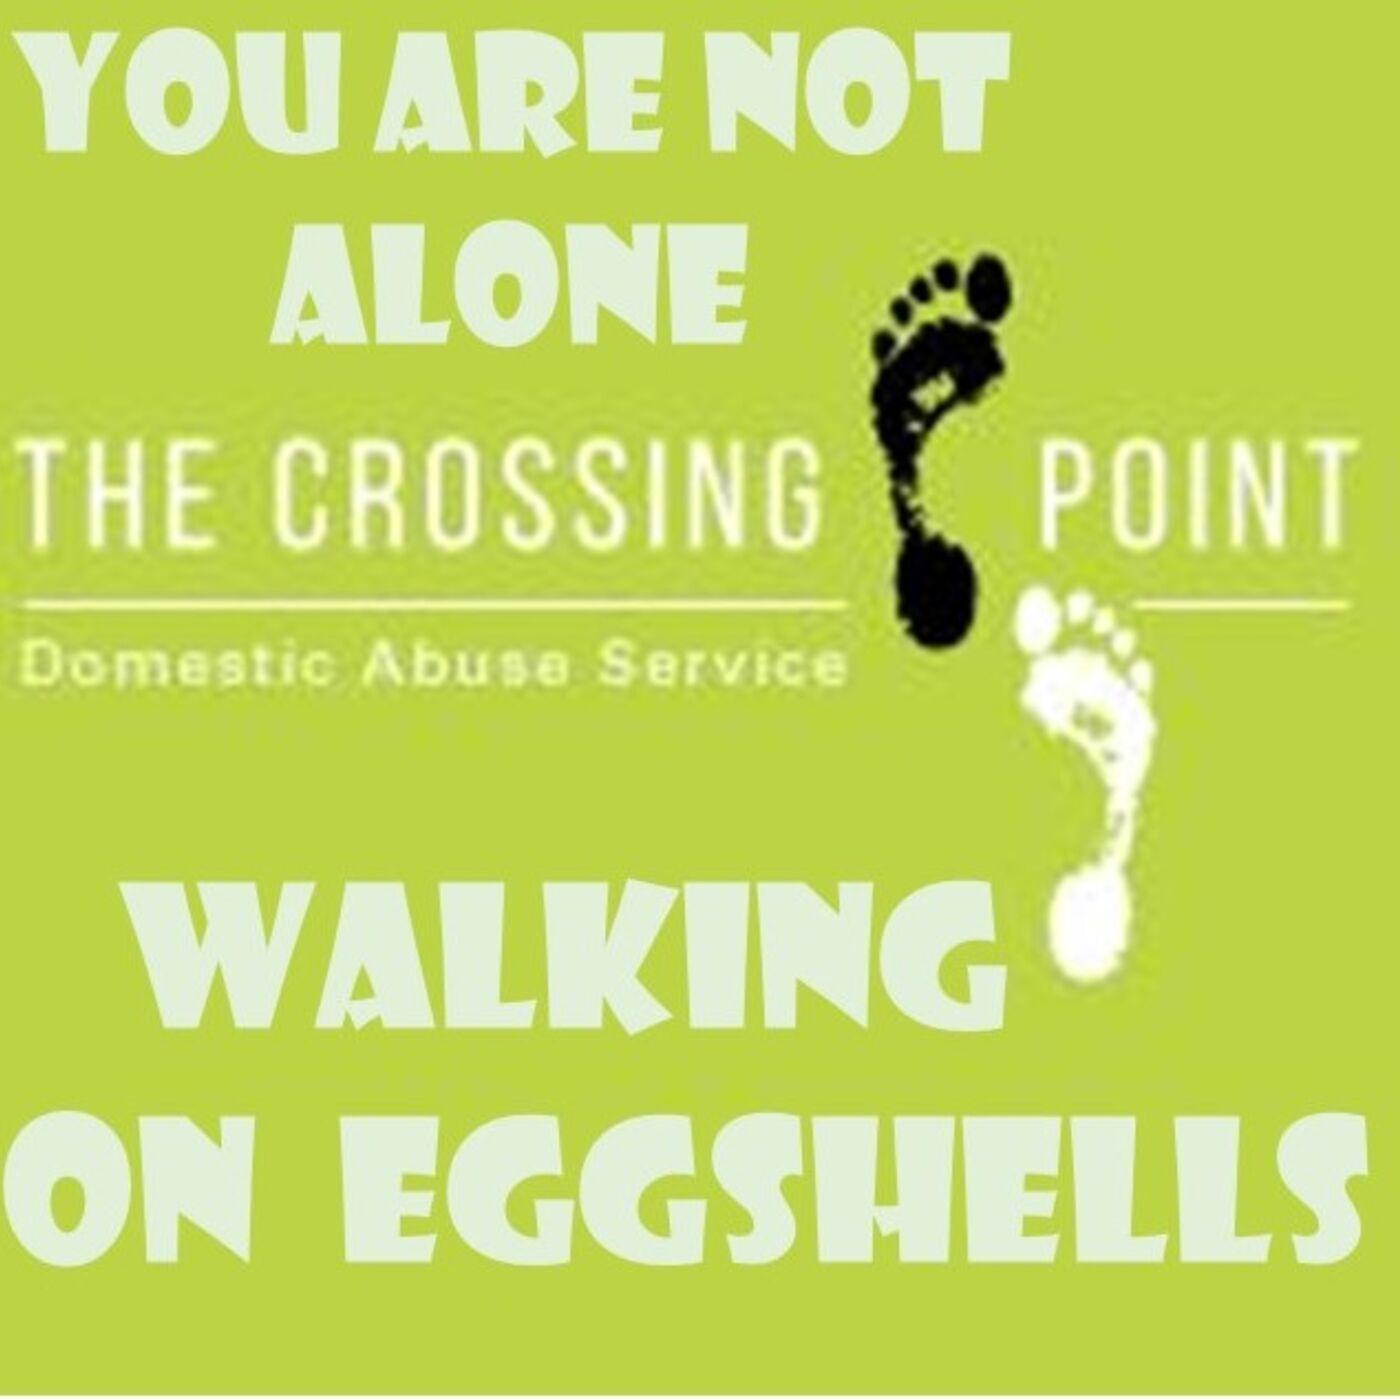 Crossing Point - 28 walking on eggshells (the Church's opportunity), September 2020